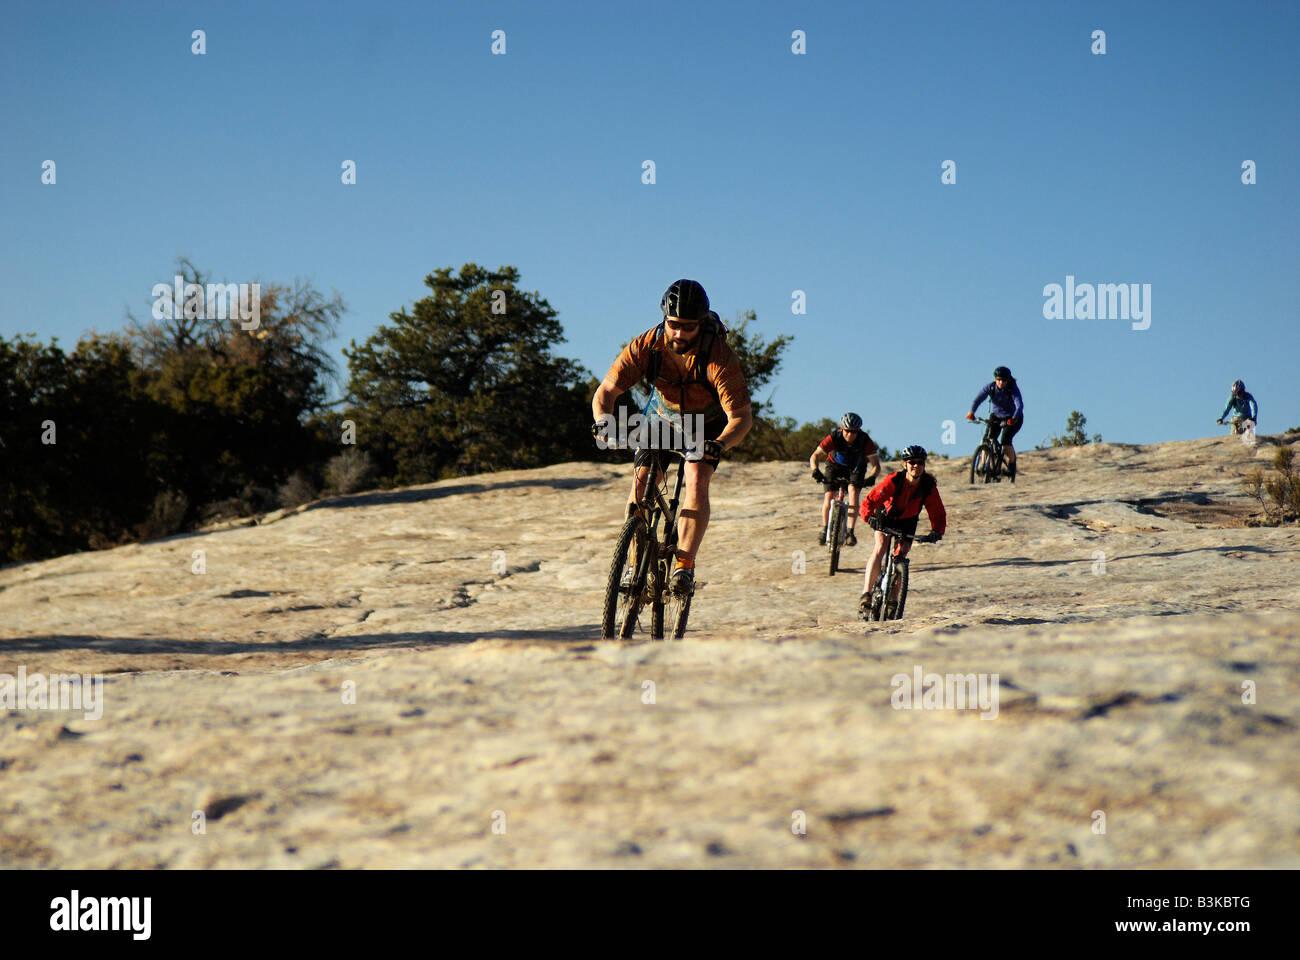 Slickrock Mountain Biking group Utah - Stock Image